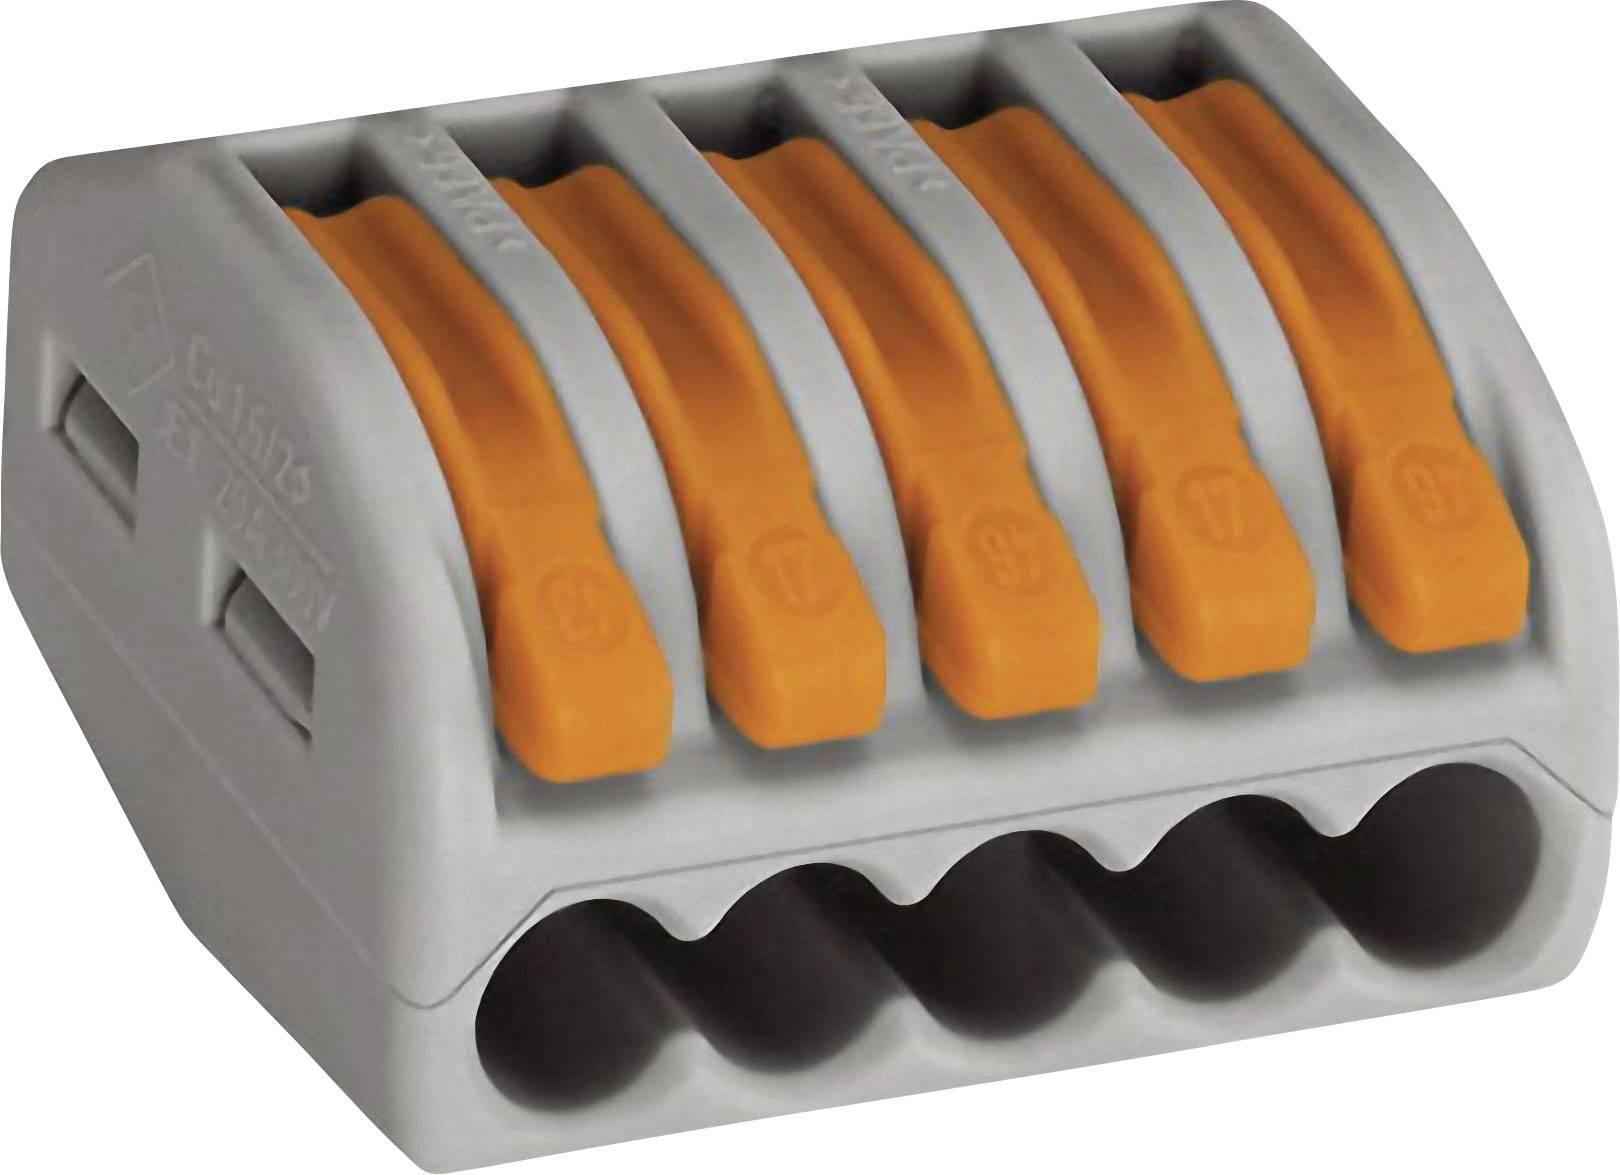 Wago 222-500 Befestigungsadapter orange für 2-5polige Verbindungsklemme 10 Stück